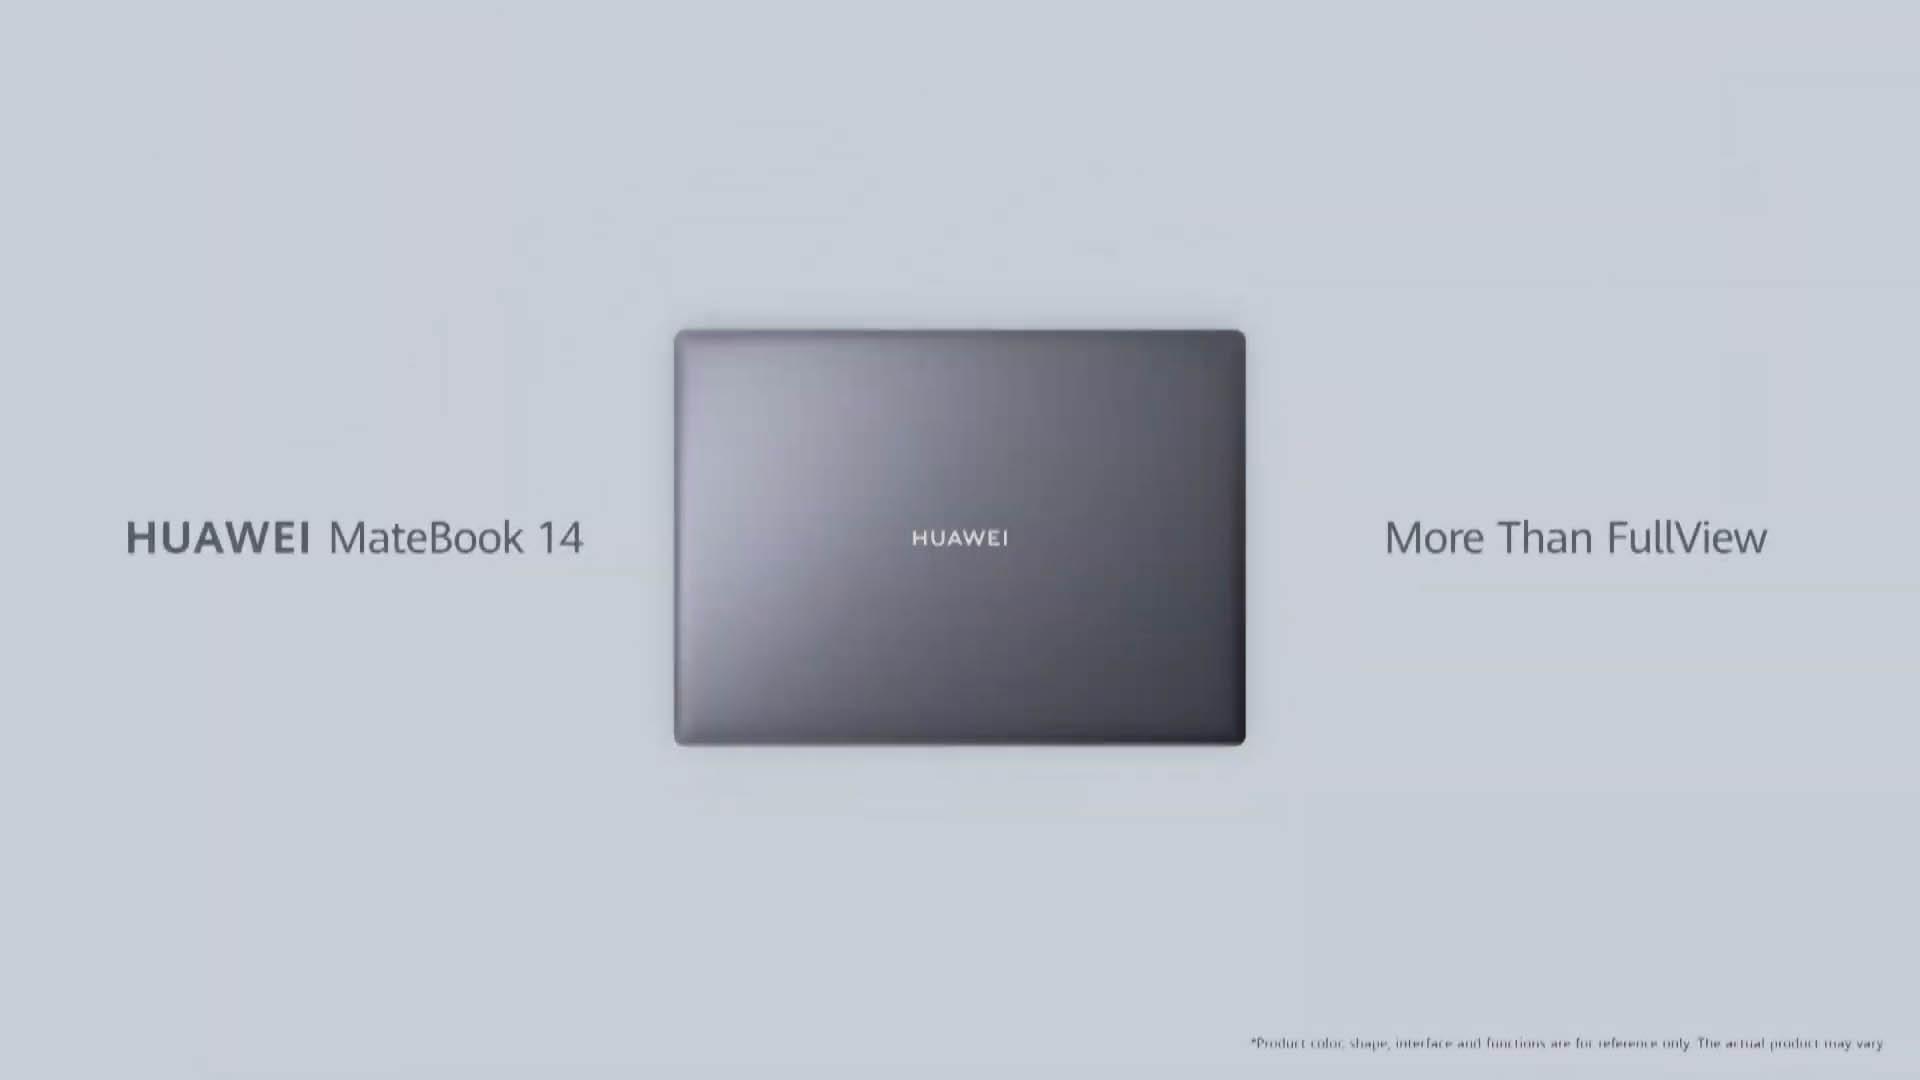 Huawei MateBook X e MateBook 14 ufficiali: specifiche tecniche e prezzo 2